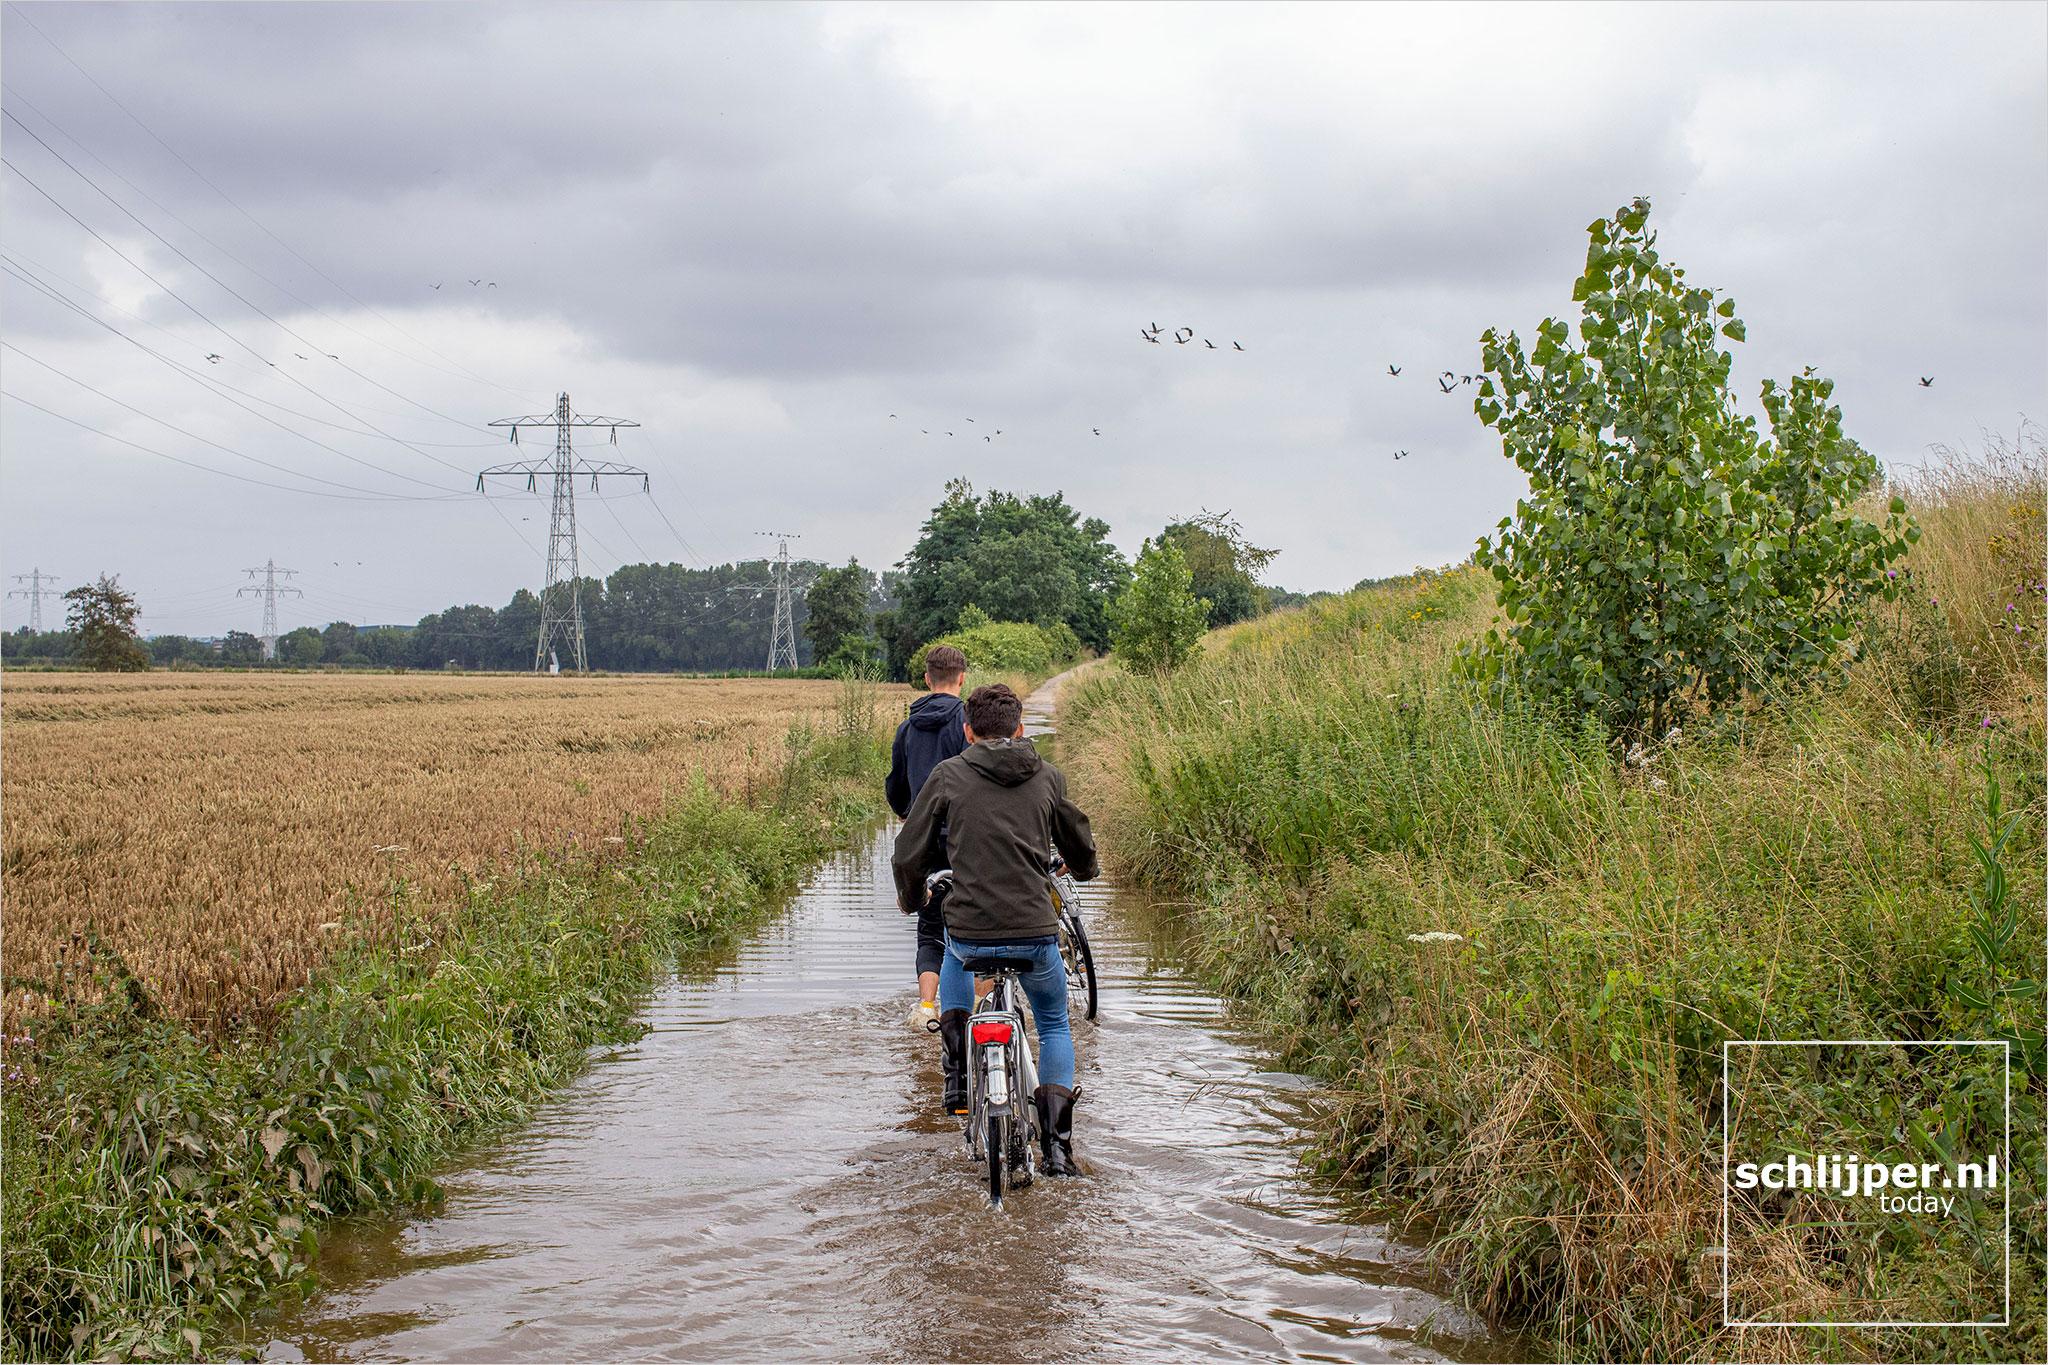 The Netherlands, Bunde, 16 juli 2021